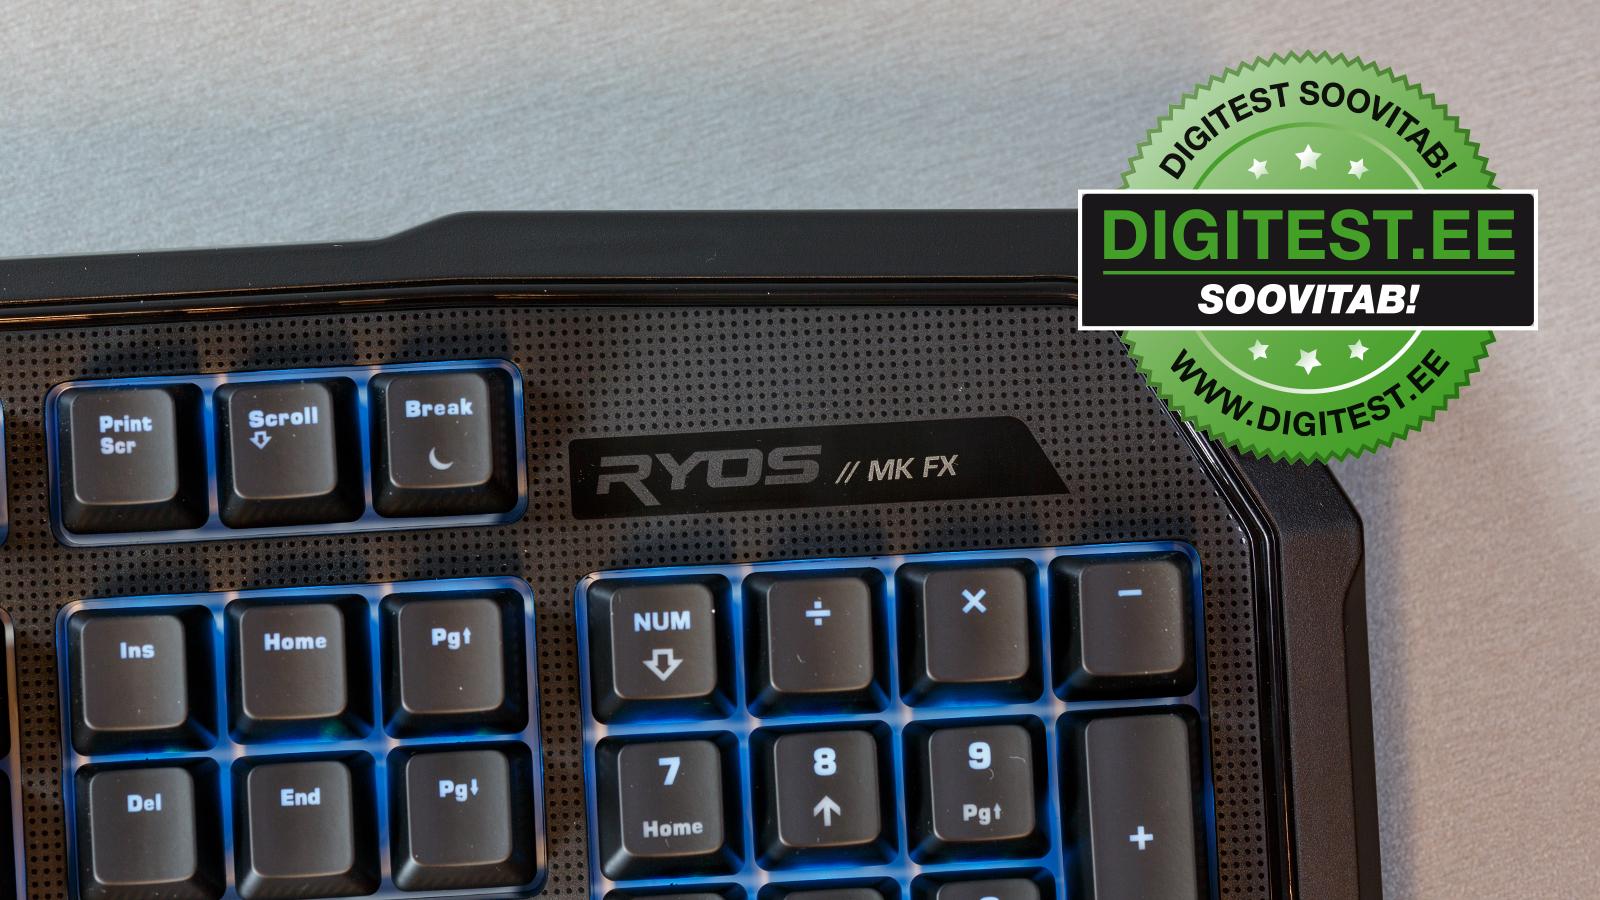 ryos-mk-fx-soovitab